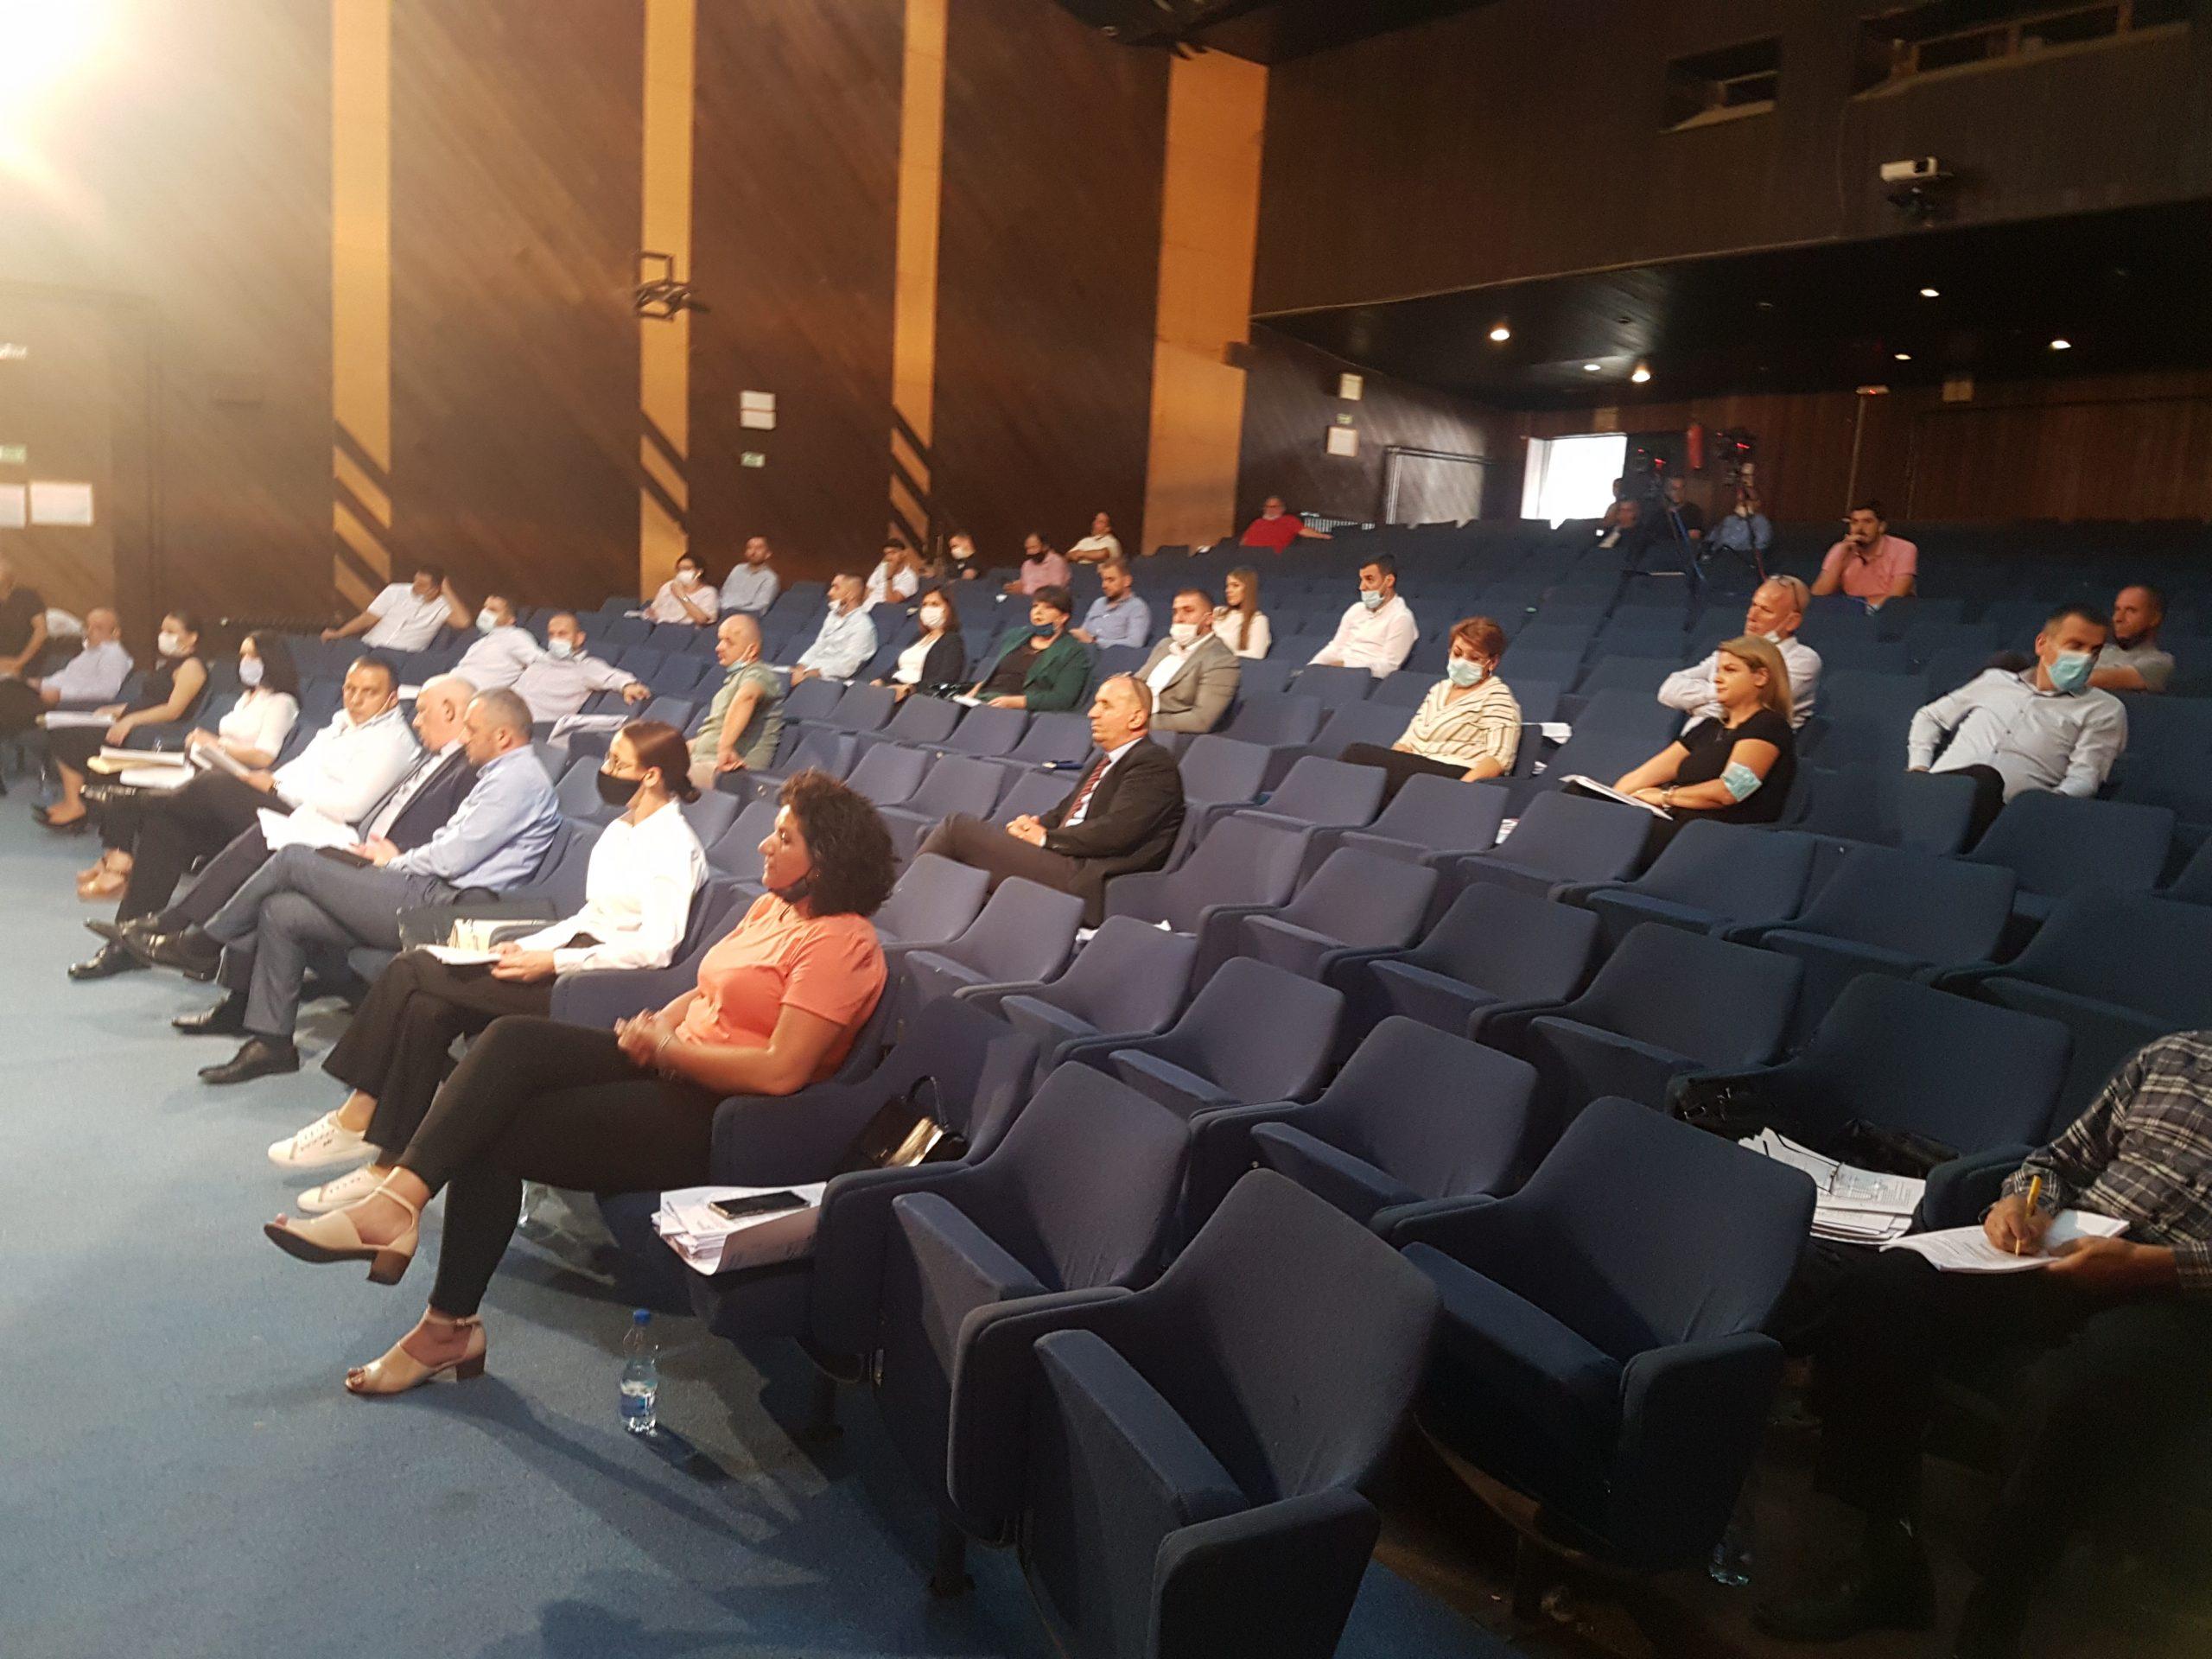 Kuvendi Komunal aprovon rishikimin e buxhetit, ndodh një ndryshim i vogël